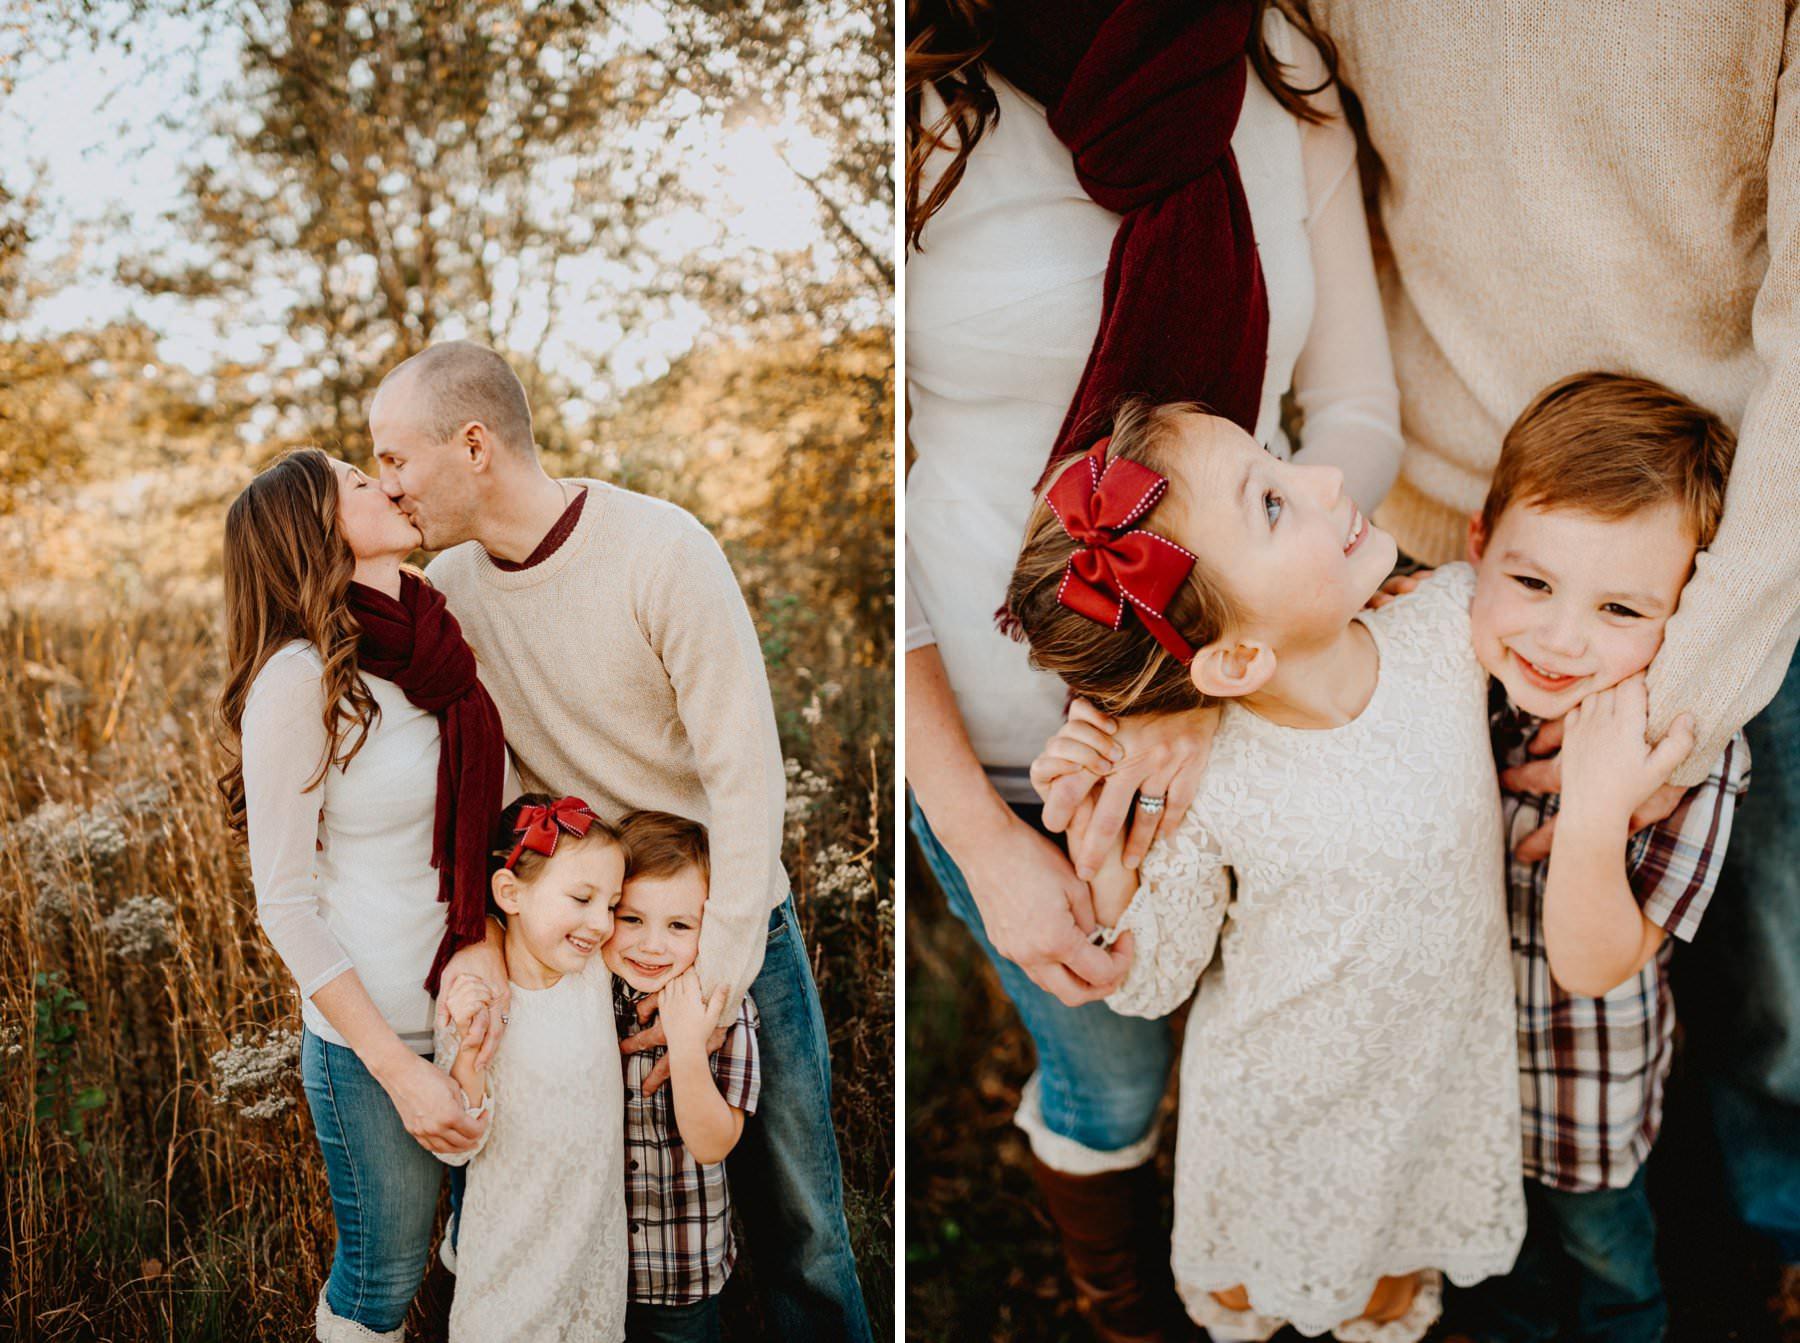 Delaware-family-photographer-13.jpg